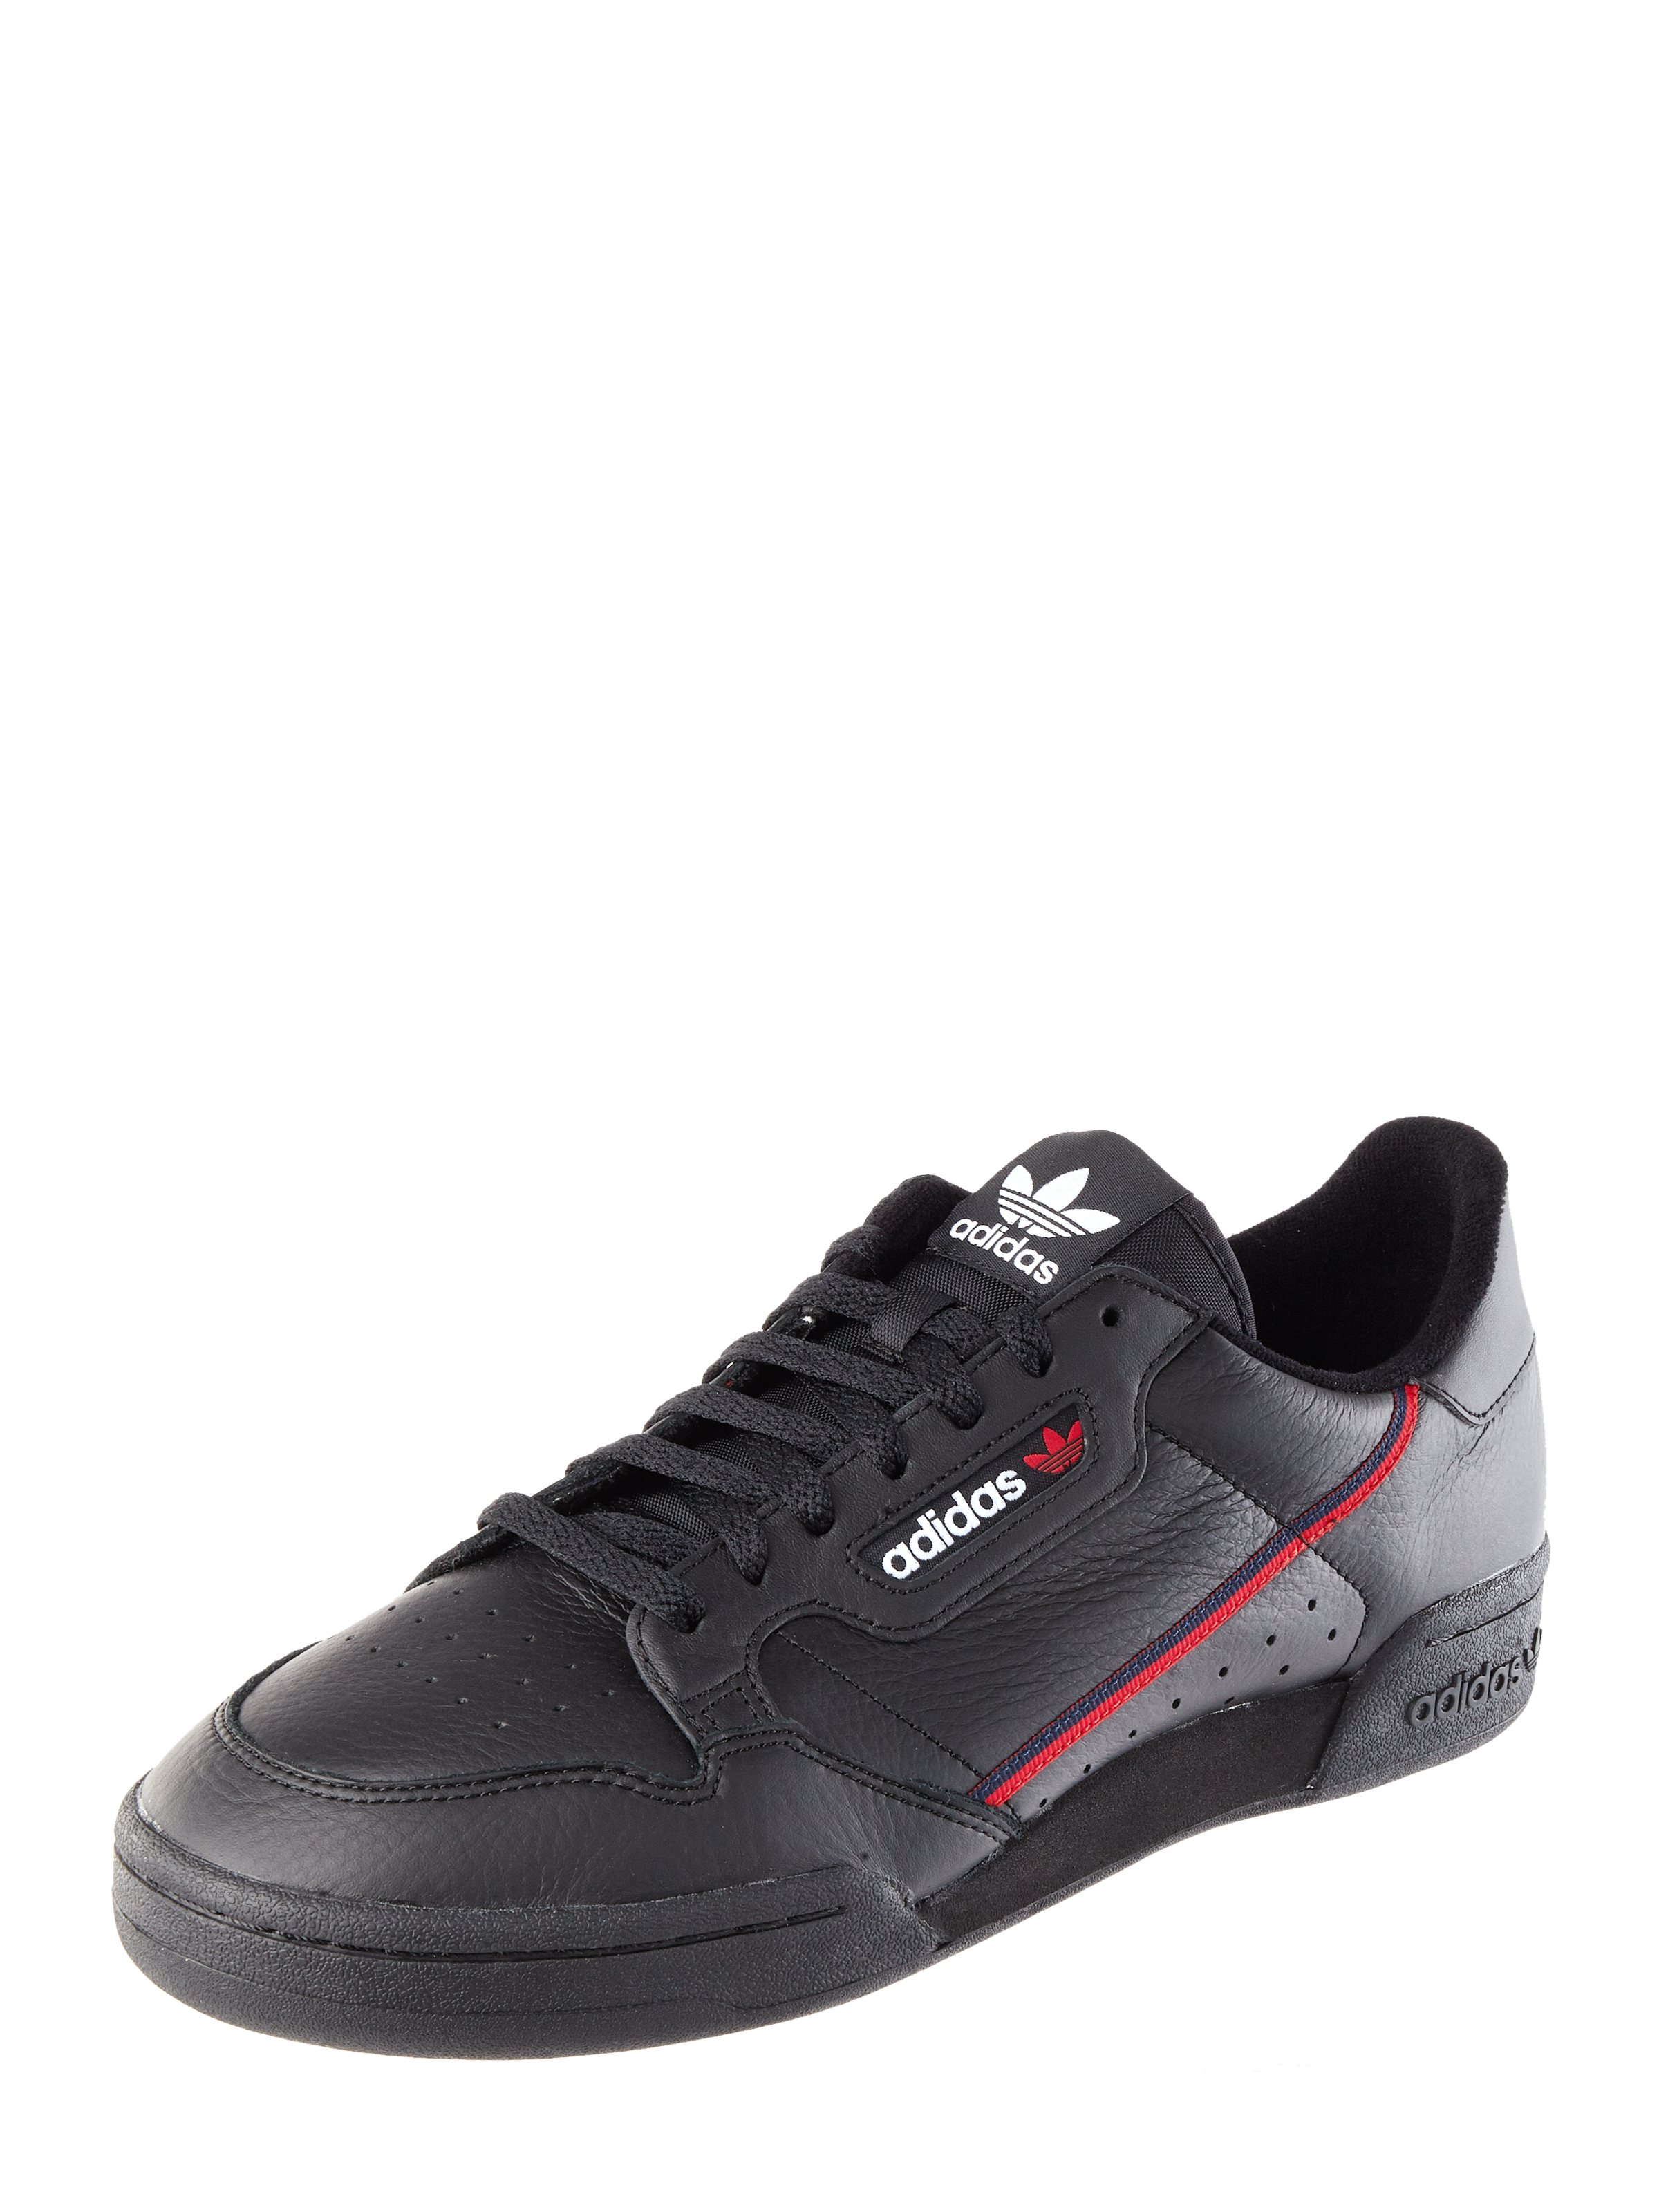 ADIDAS Originals – Sneaker 'Continental 80' aus Leder – Schwarz